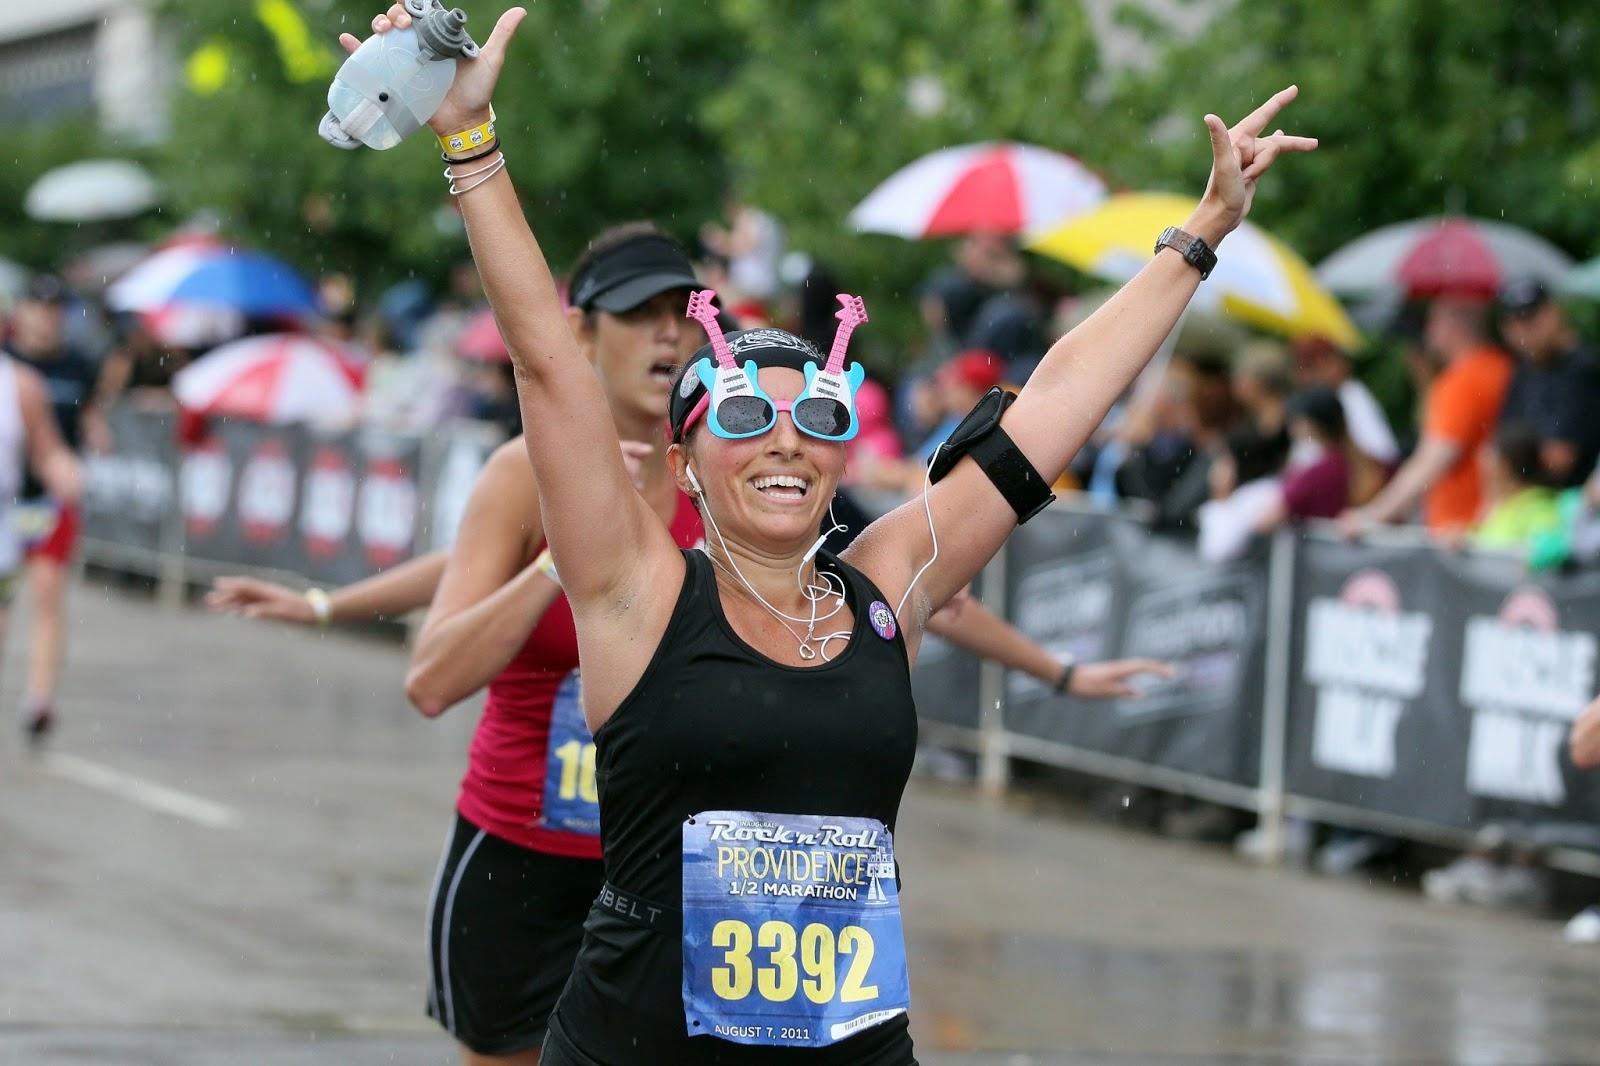 49 λόγοι για να αγαπήσετε το τρέξιμο.